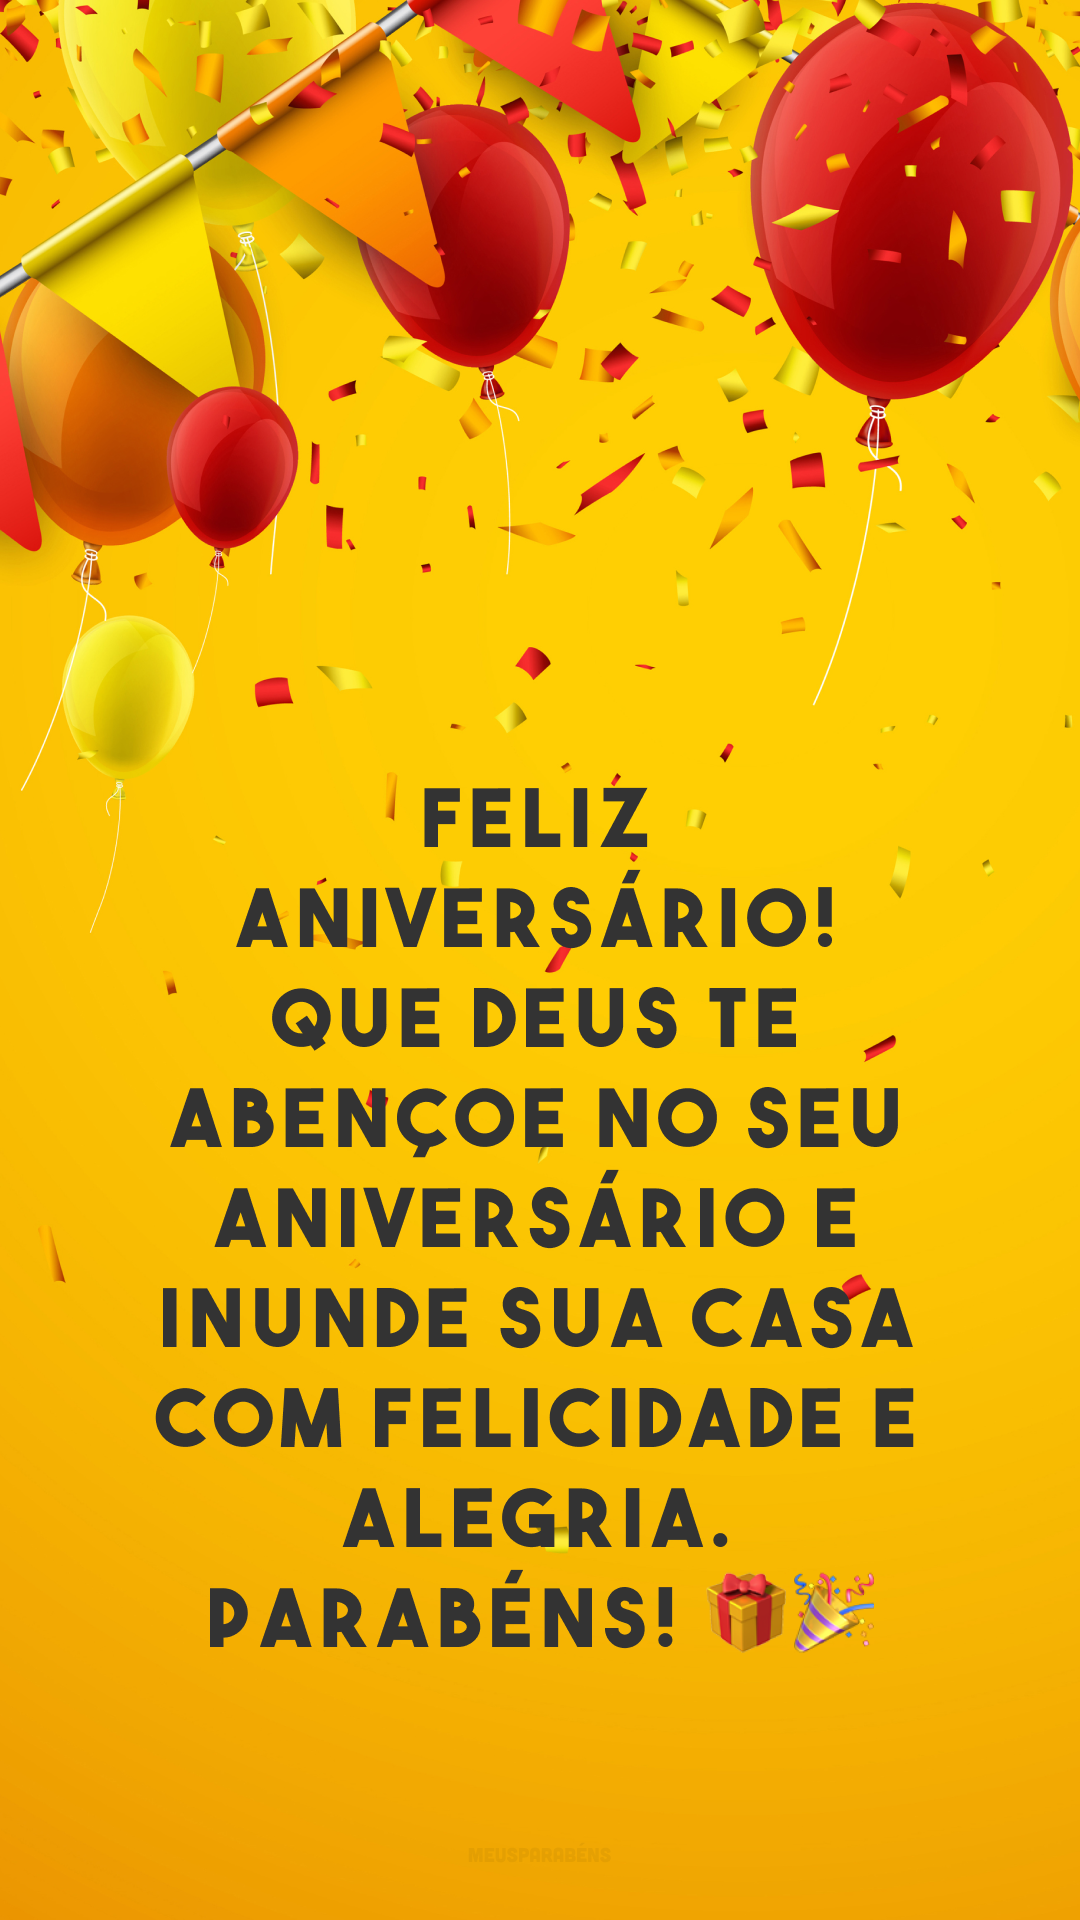 Feliz aniversário! Que Deus te abençoe no seu aniversário e inunde sua casa com felicidade e alegria. Parabéns! ??